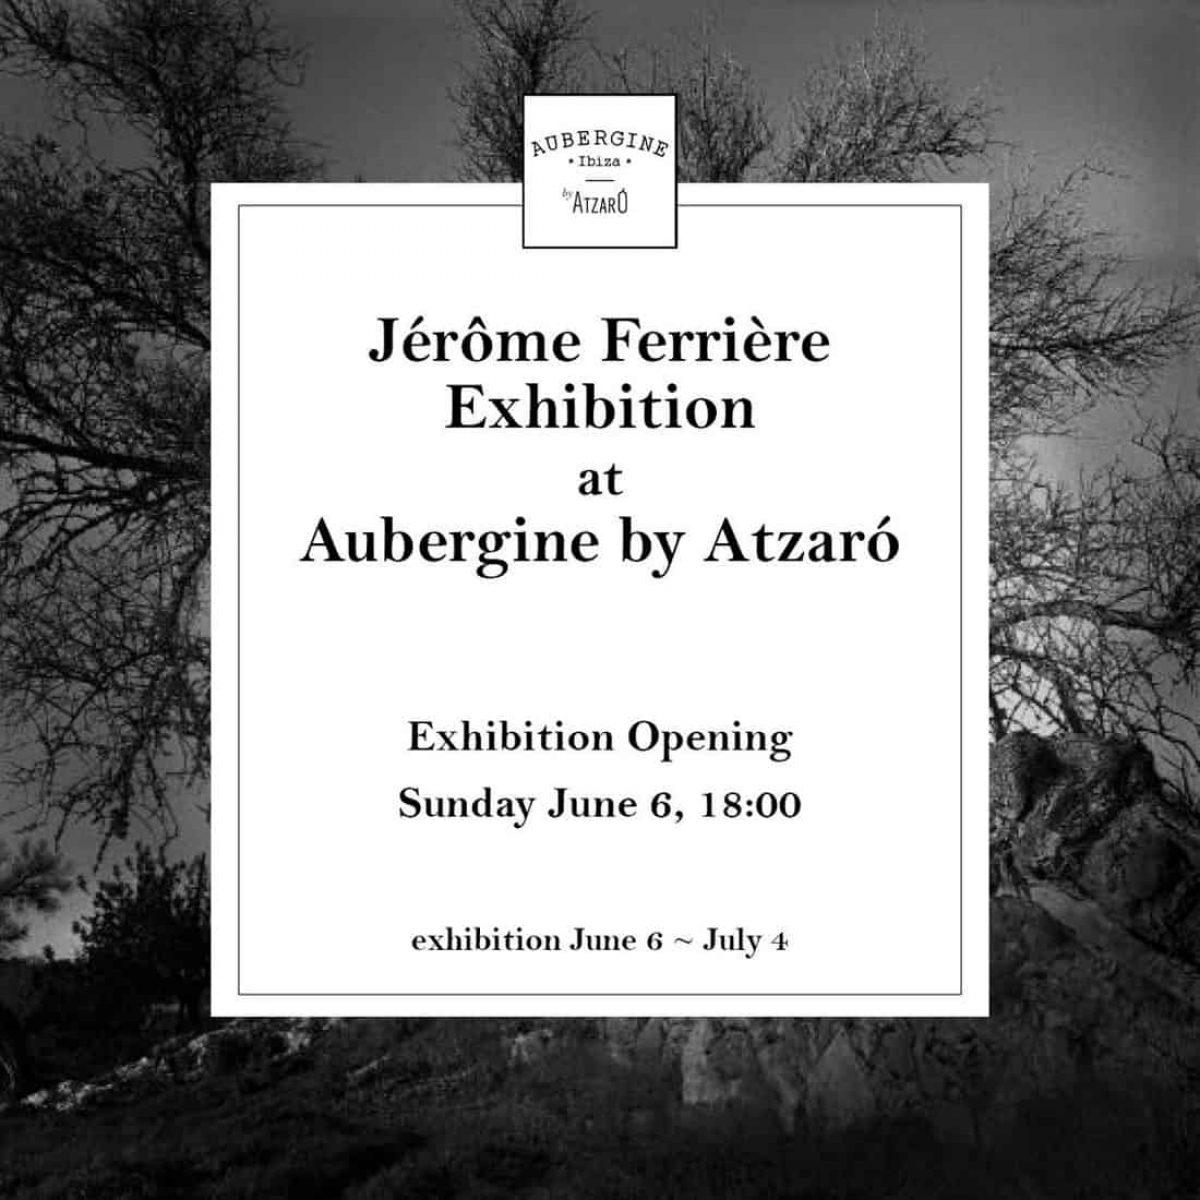 exposicion-jerome-ferriere-restaurante-aubergine-ibiza-2021-welcometoibiza